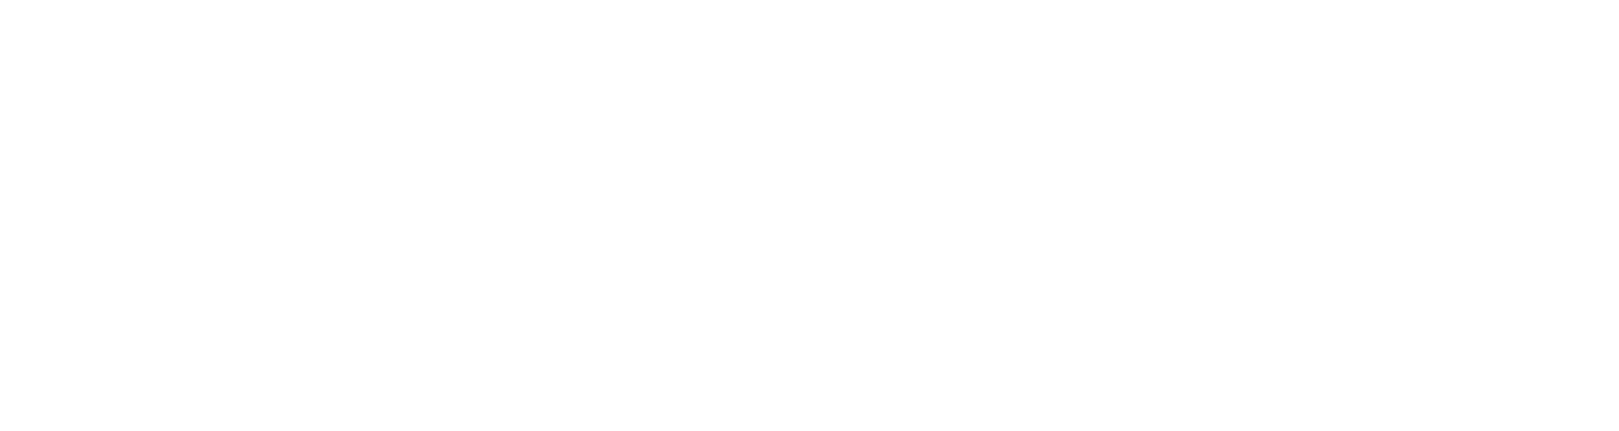 Ekspert køreskole – Køreskole i Skanderborg